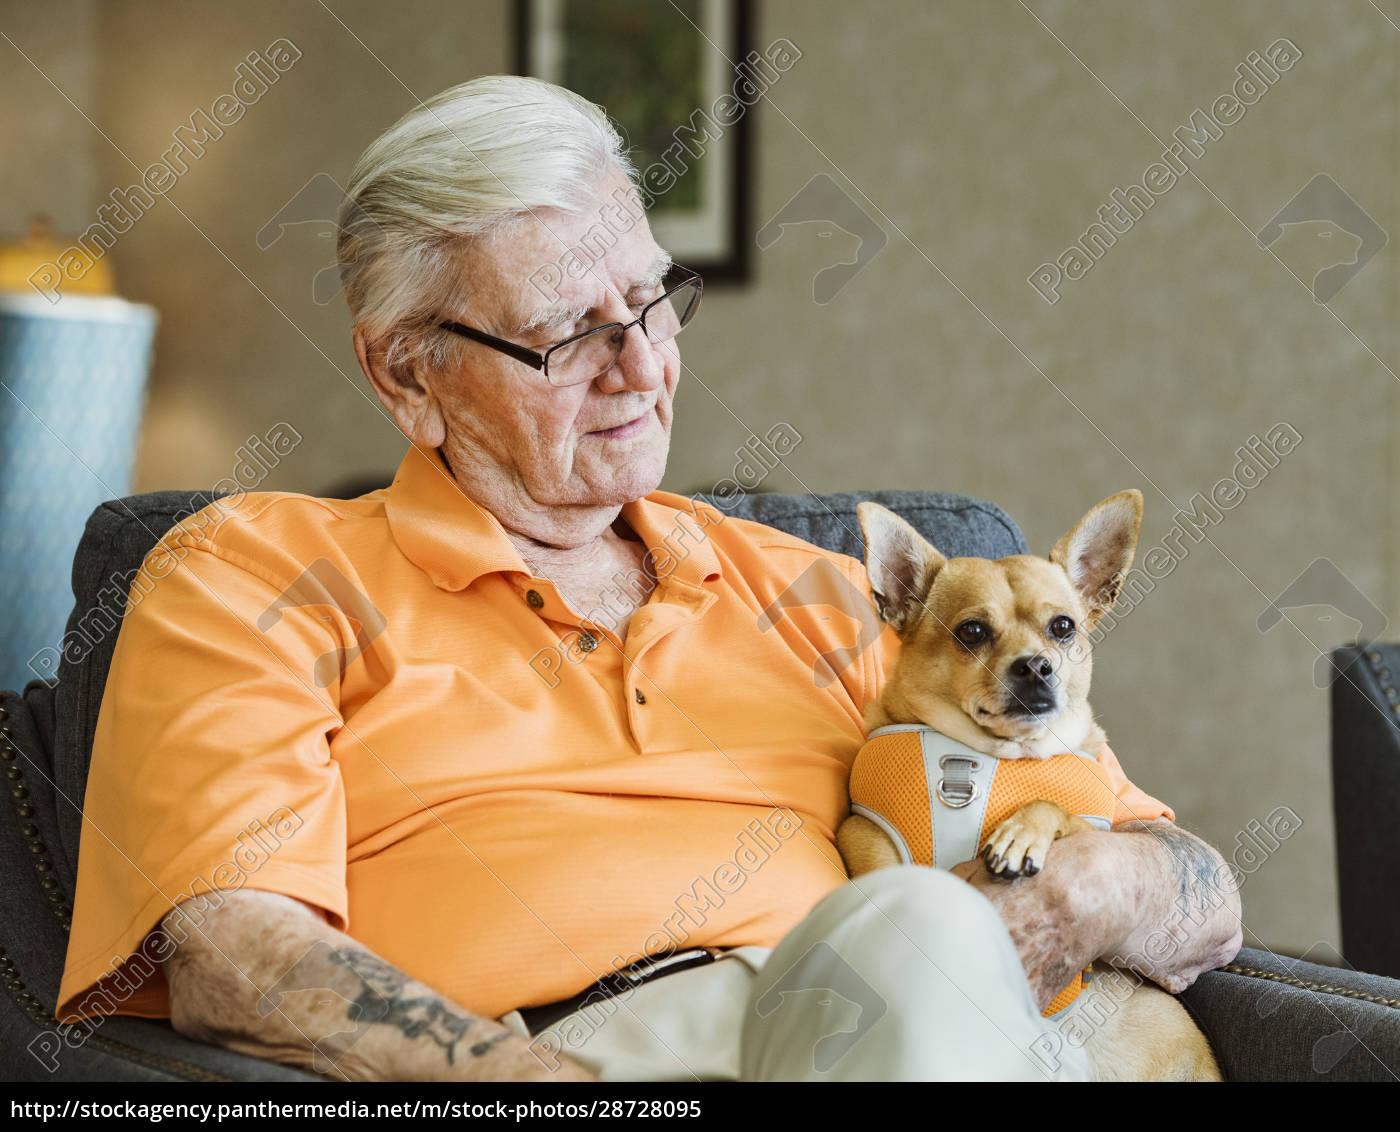 senior, mann, hält, diensthund - 28728095